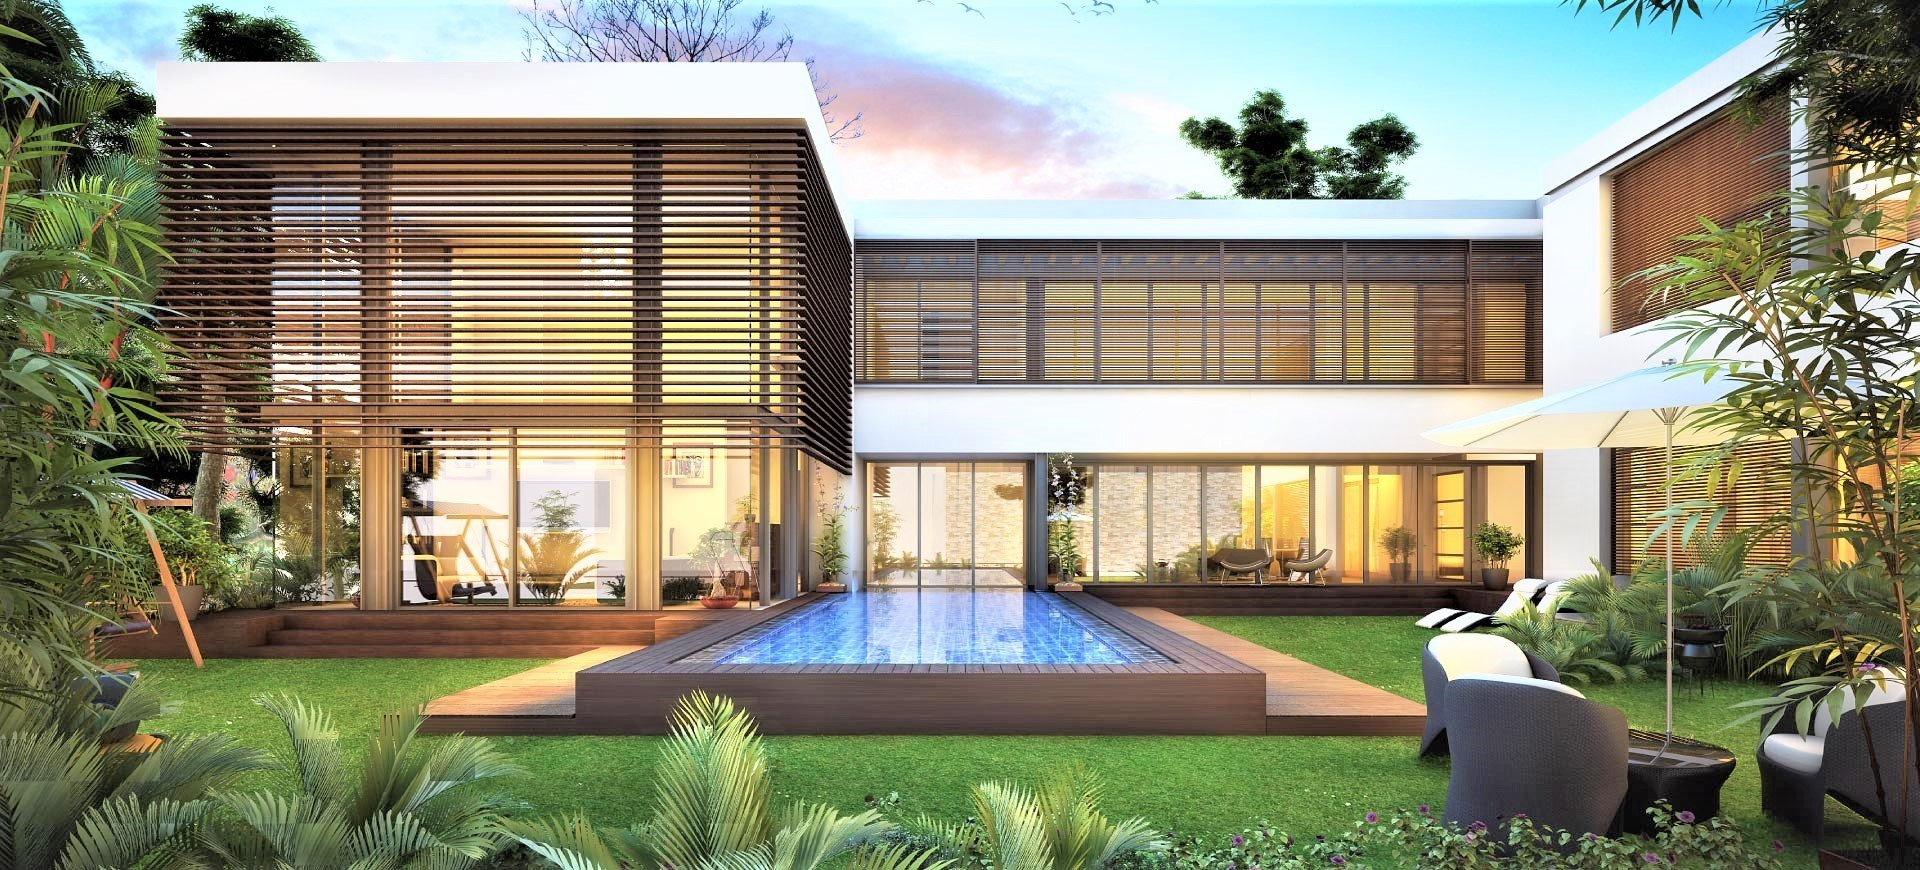 Villa in Dubai, United Arab Emirates 1